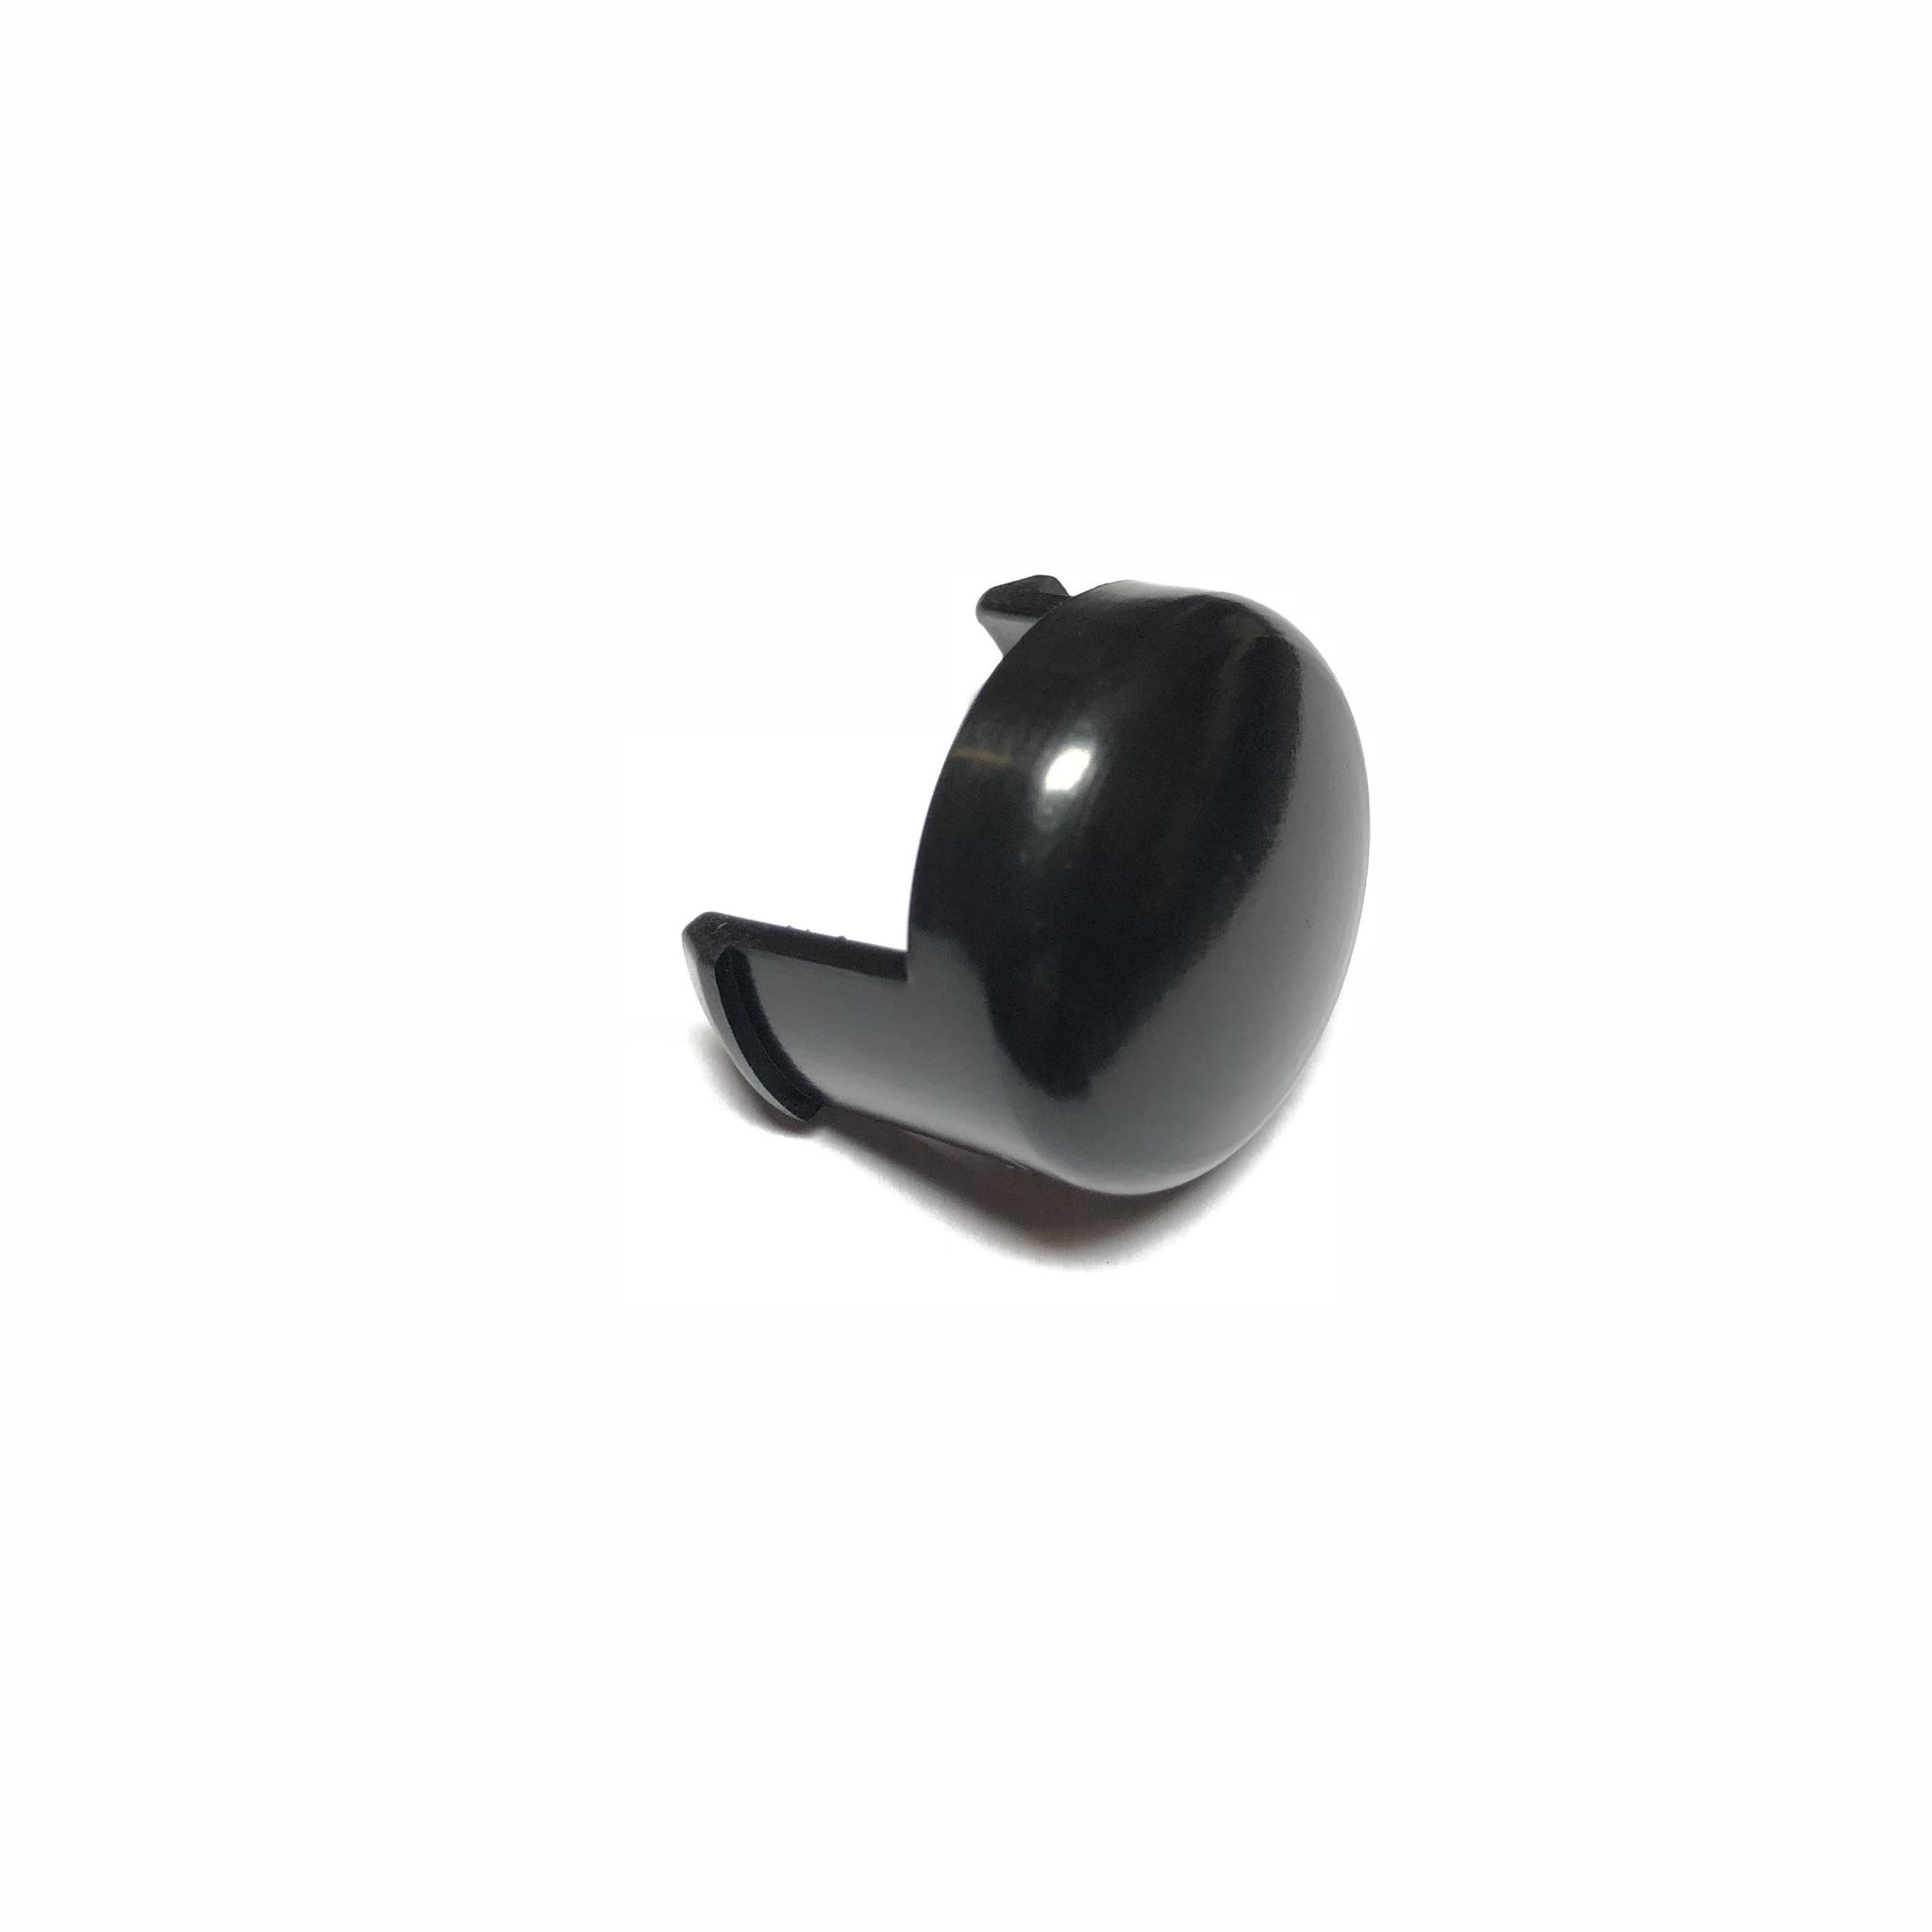 Кнопка регулировки ручки Peg-Perego GT3 кнопка_gt3.jpg